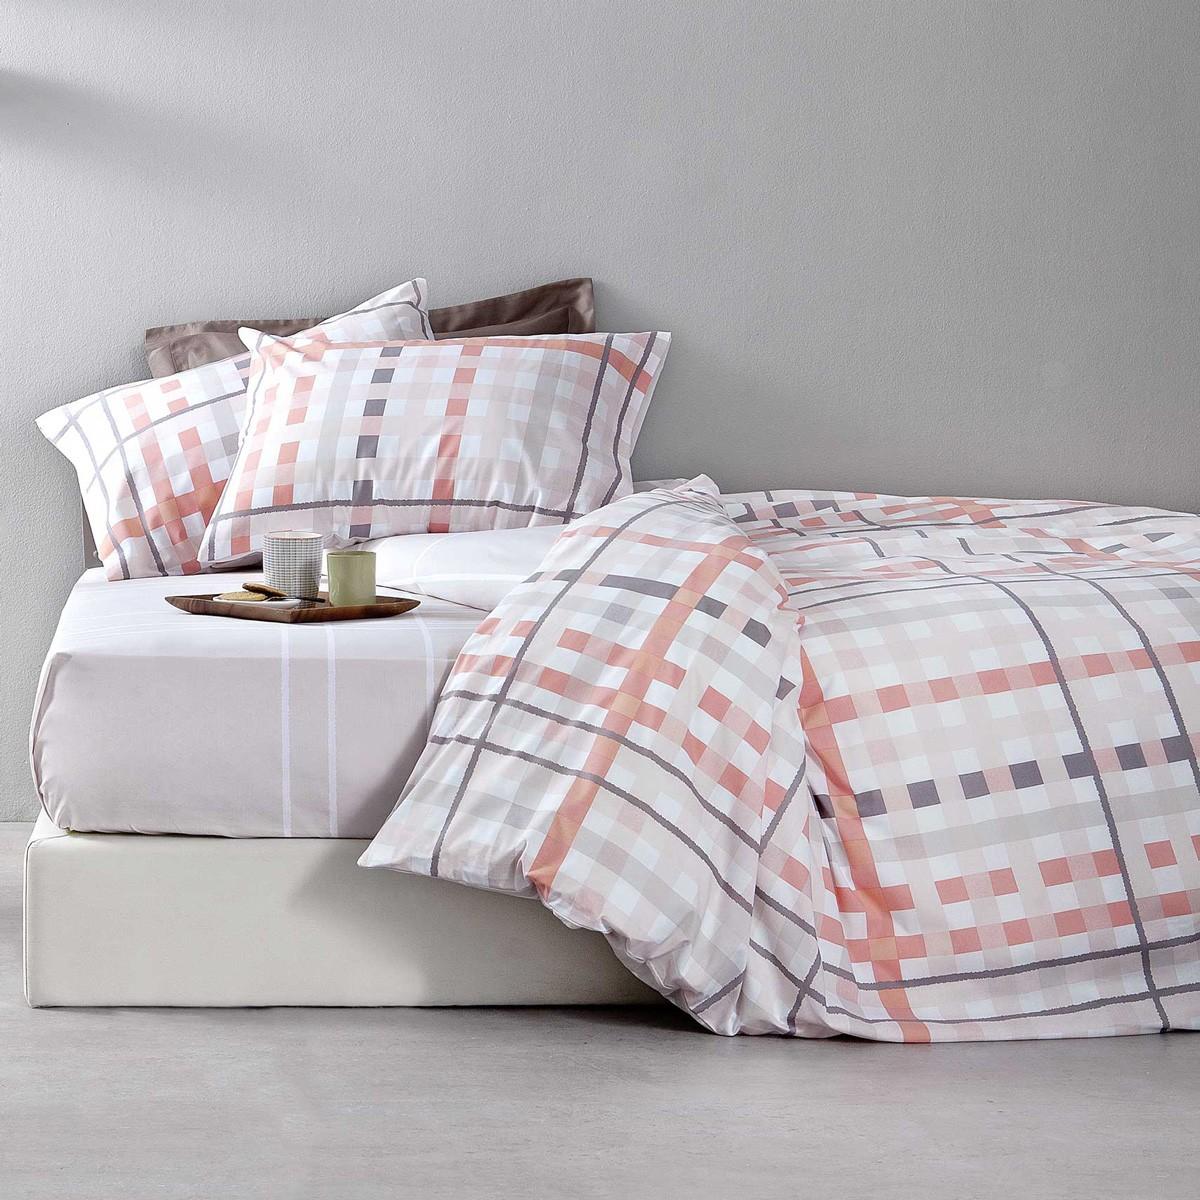 Κουβερλί Μονό Nima Bed Linen Damino Pink